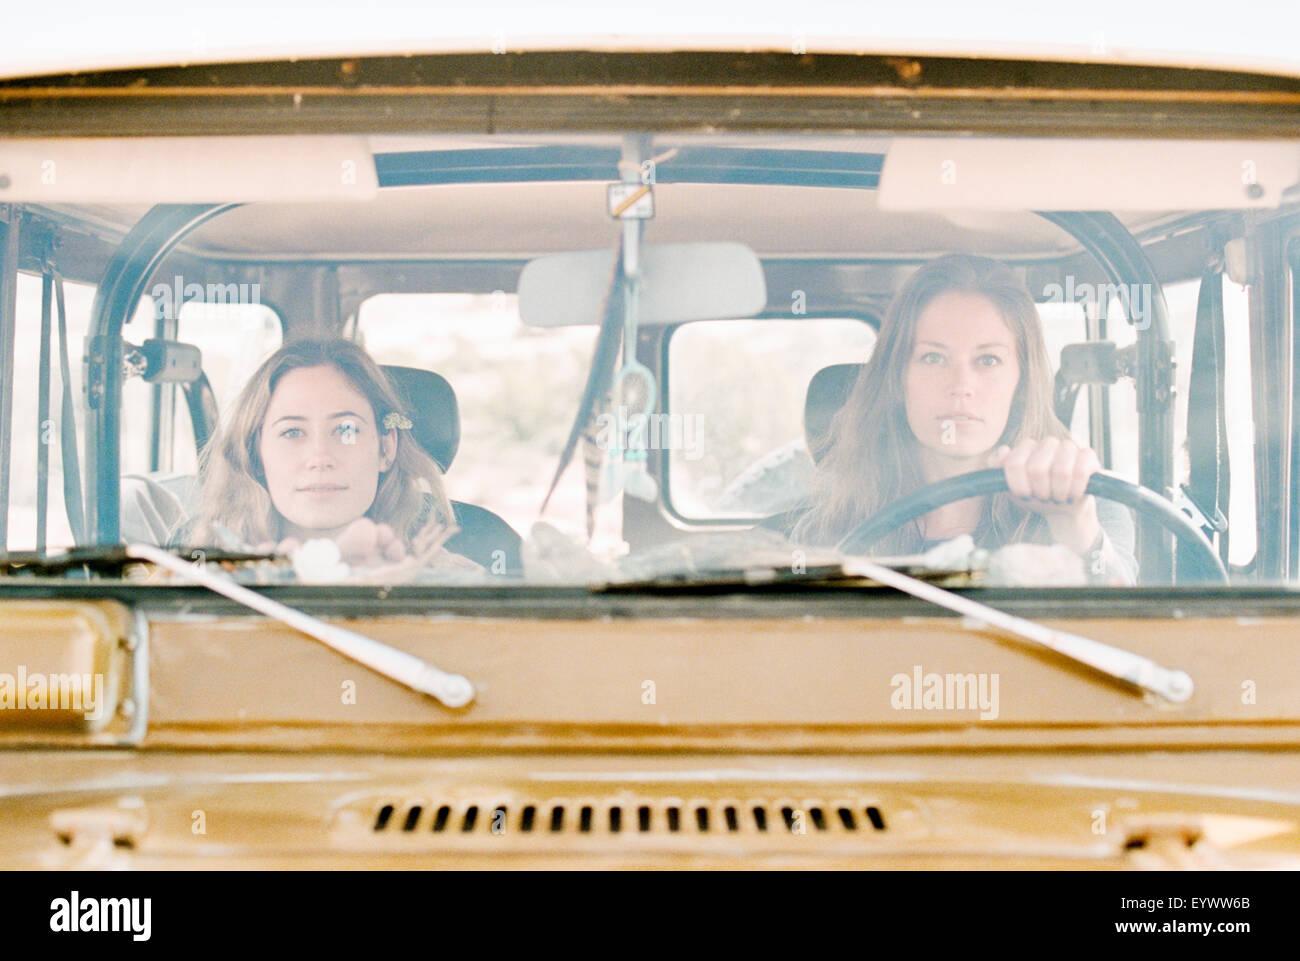 Dos mujeres en una excursión en el desierto, la conducción en 4x4. Imagen De Stock